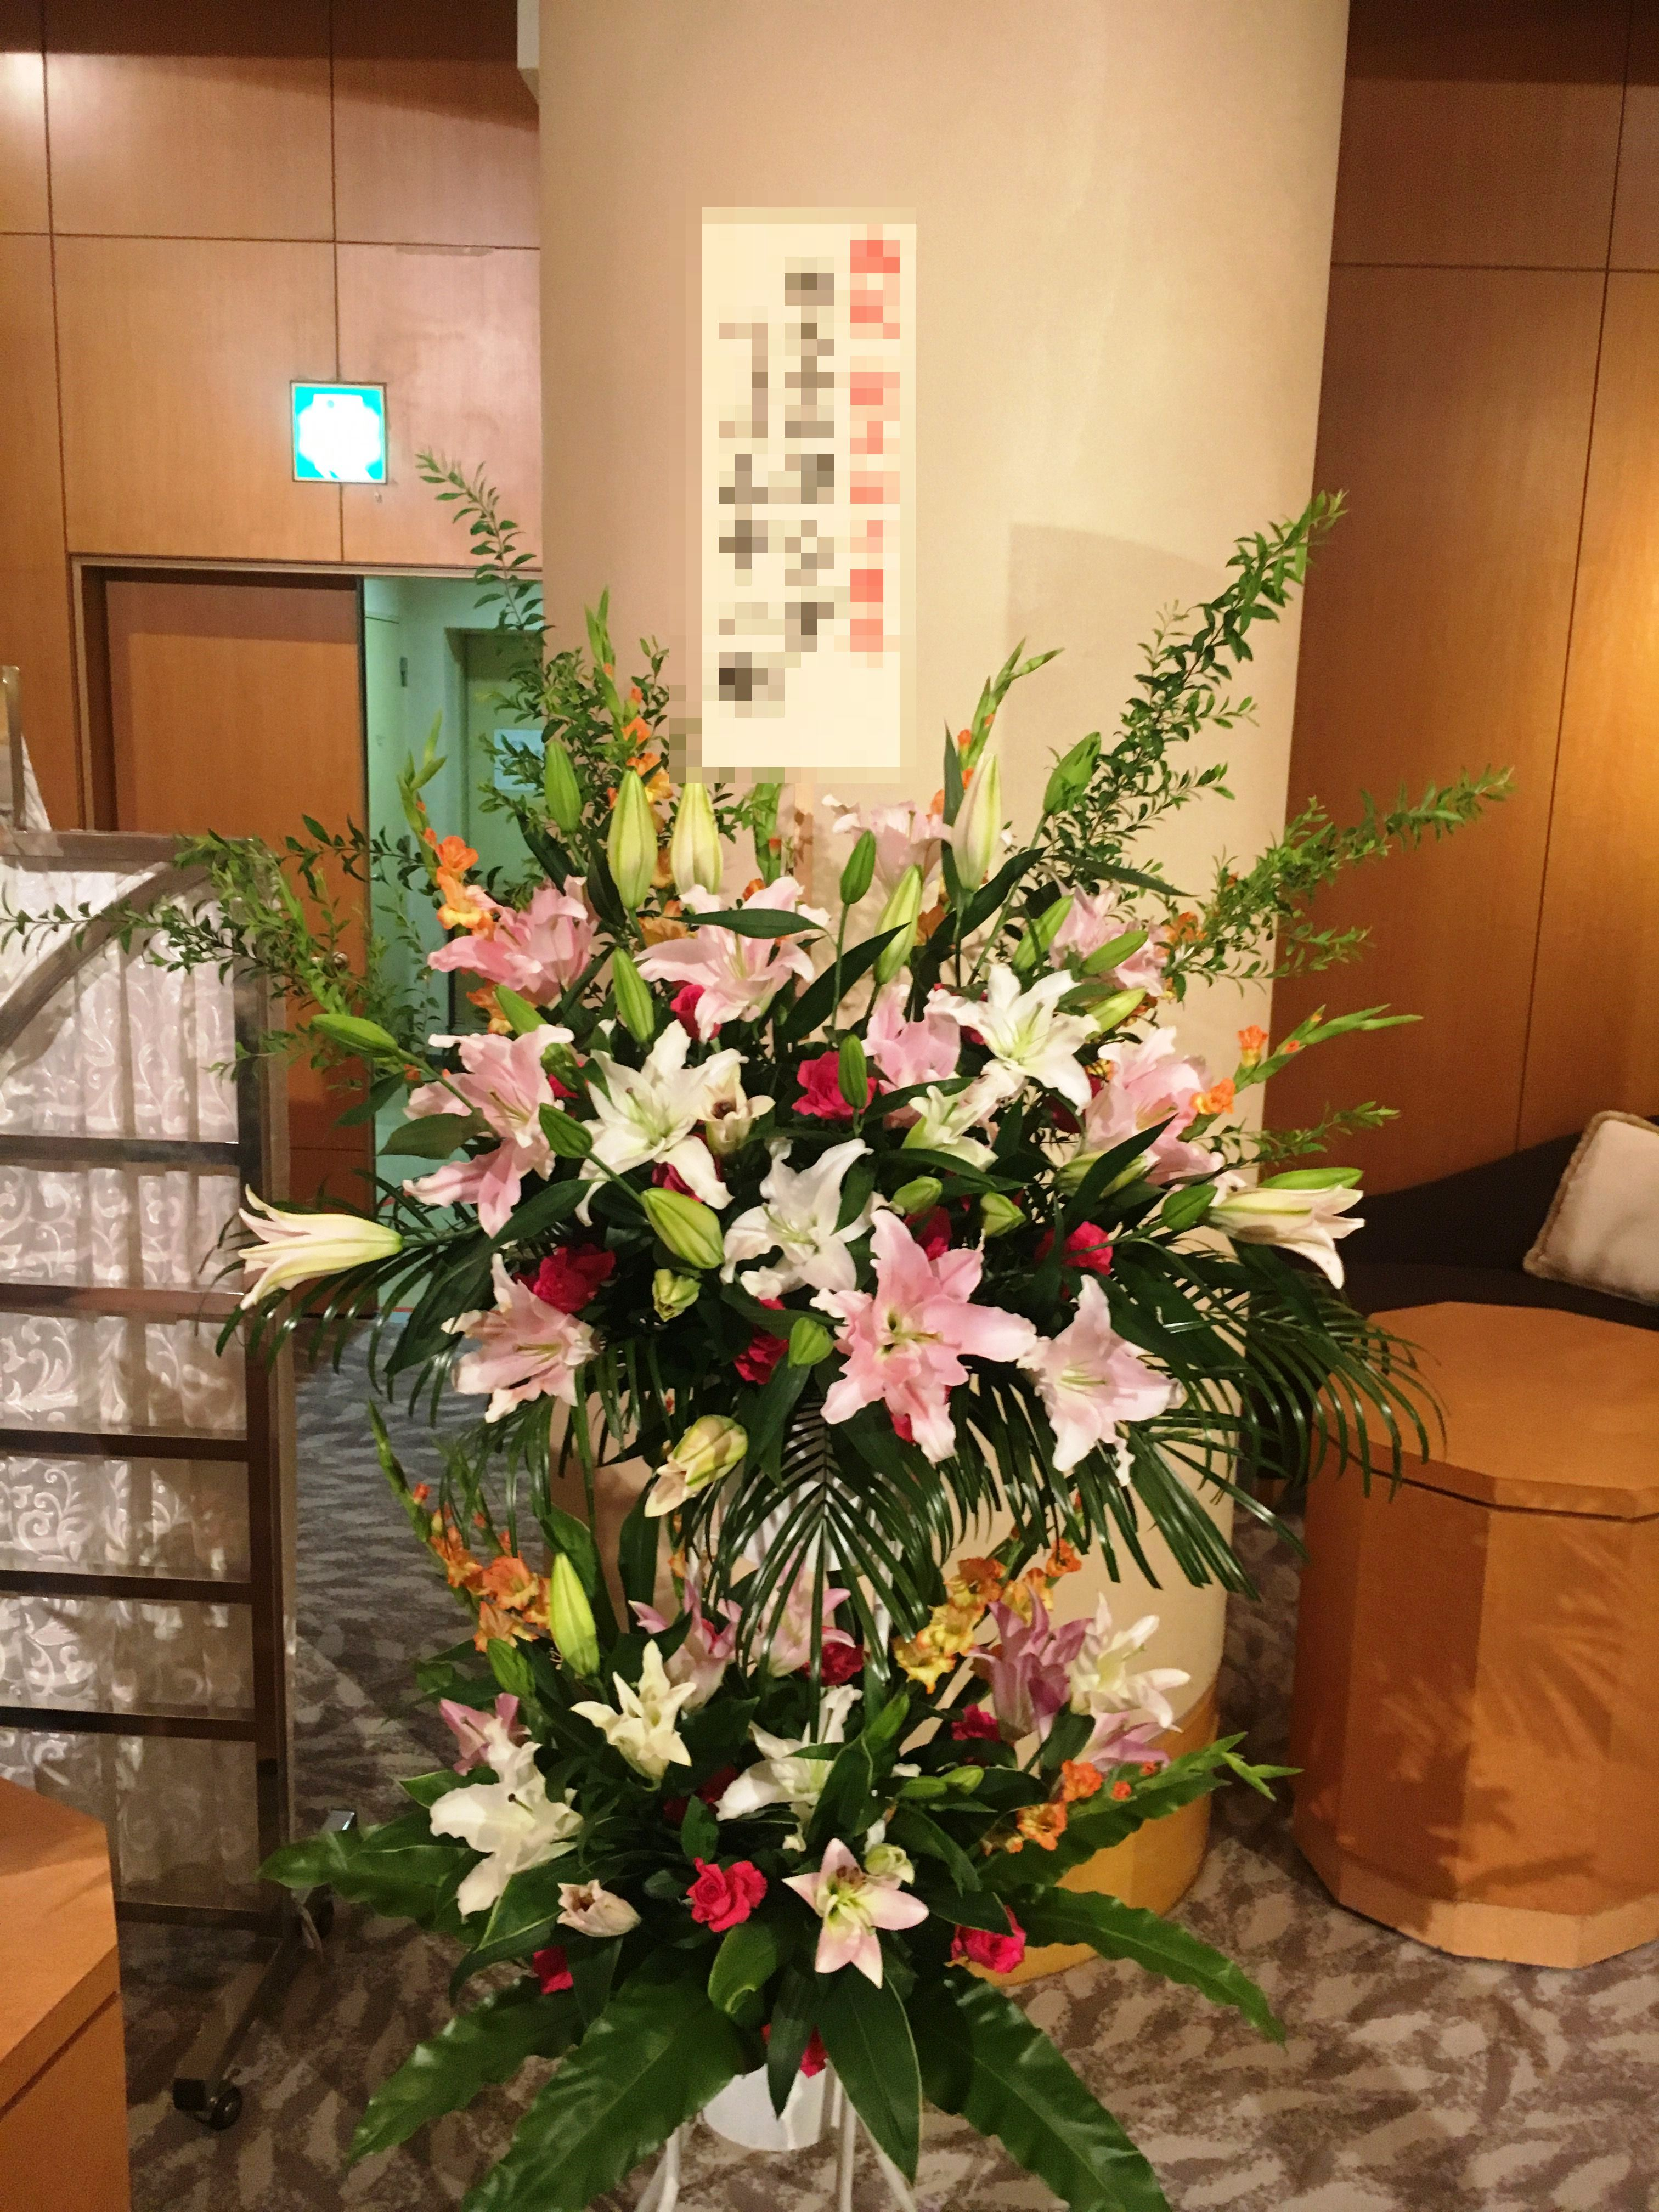 【ナオ花屋の納品事例74】横浜市関内の法人企業様へ観葉植物を配達しました!